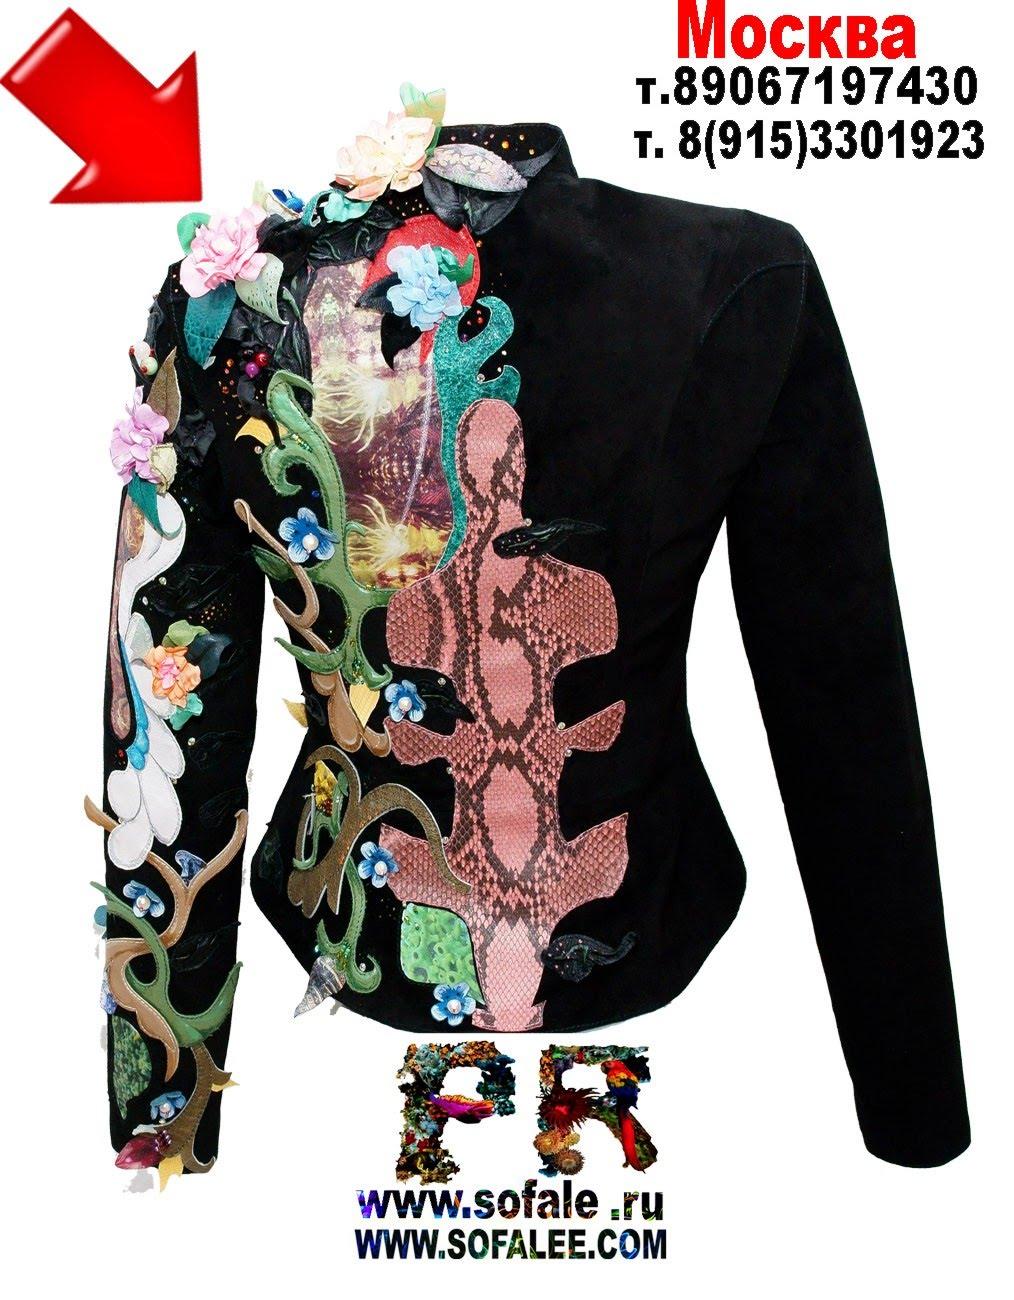 Женская куртка из замши 3